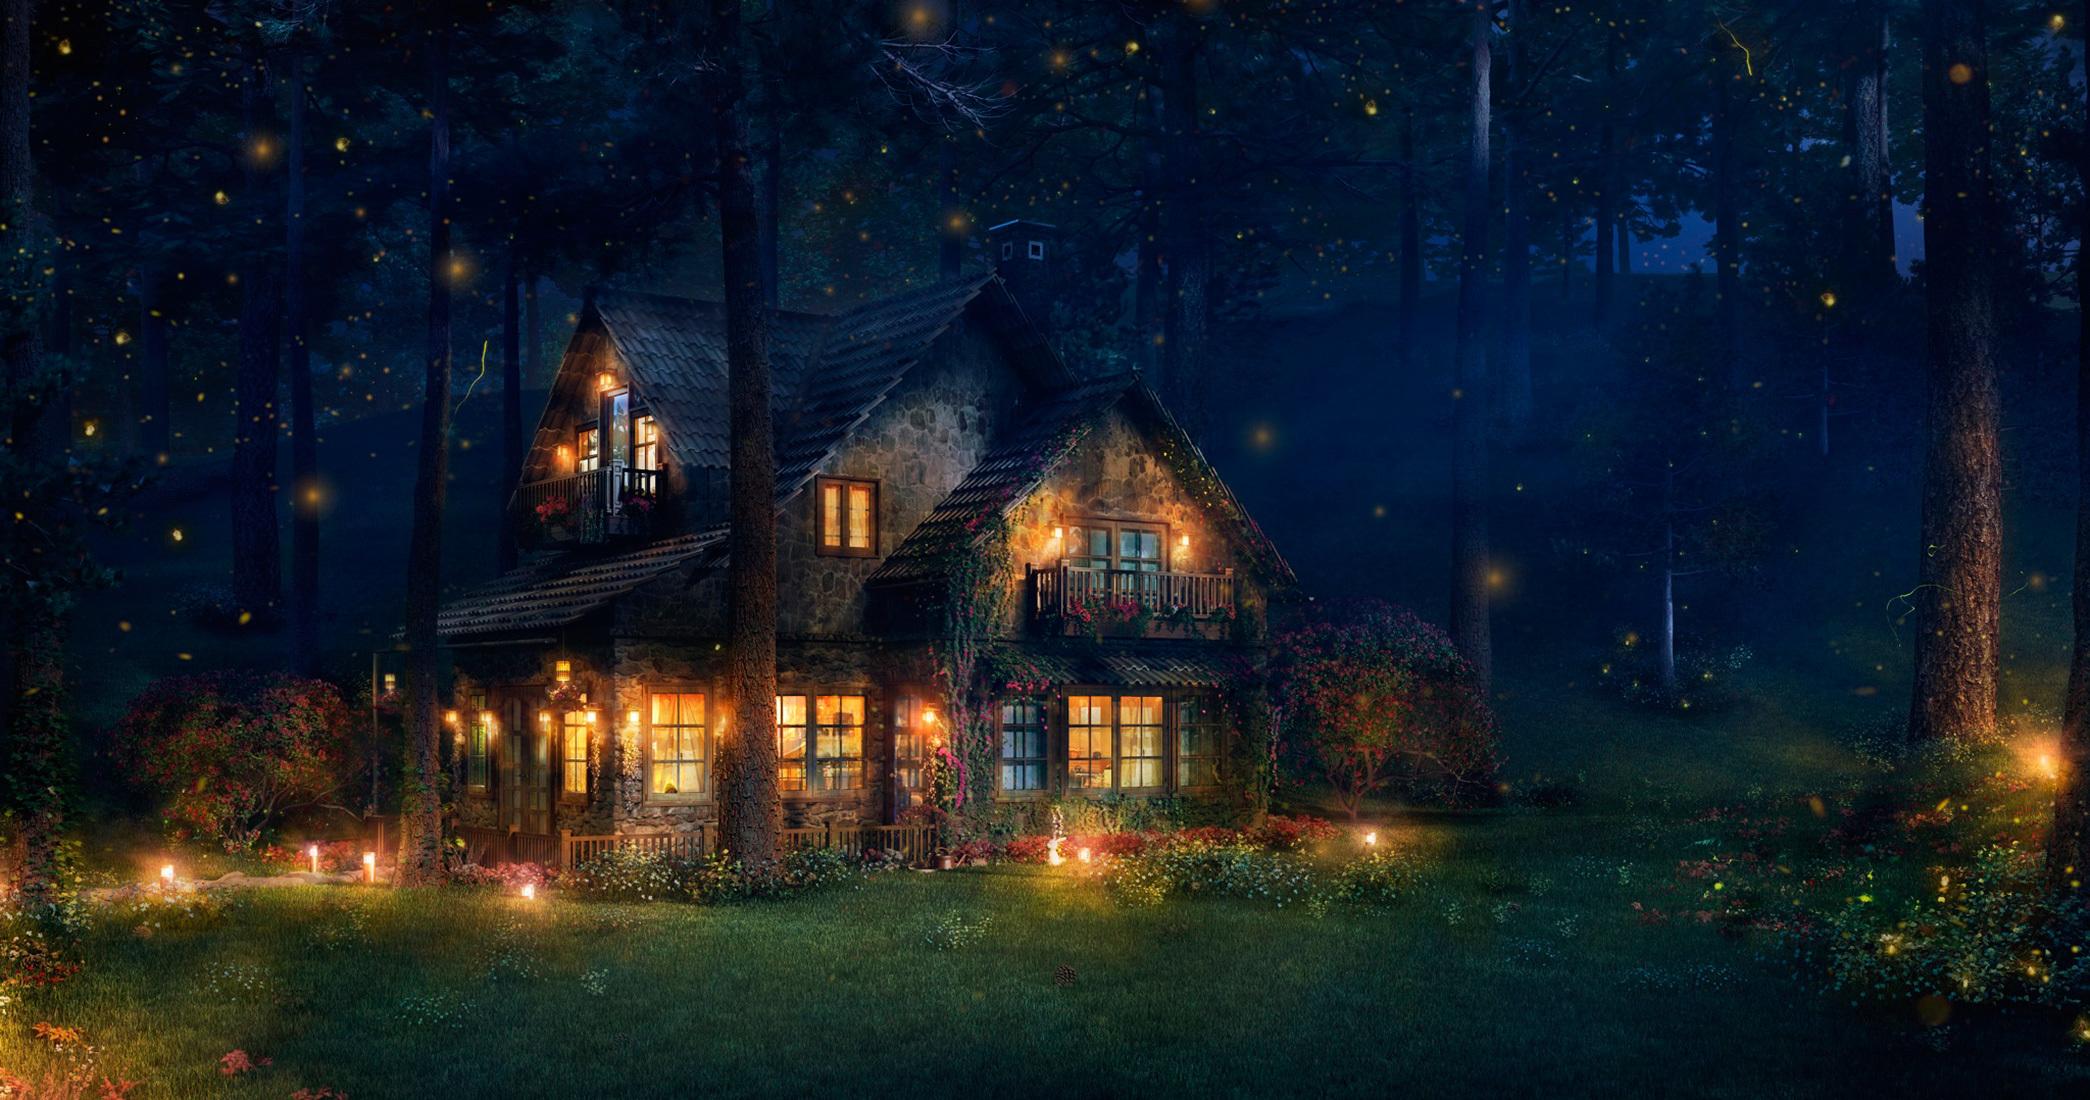 fantasy cottage wallpaper wwwpixsharkcom images